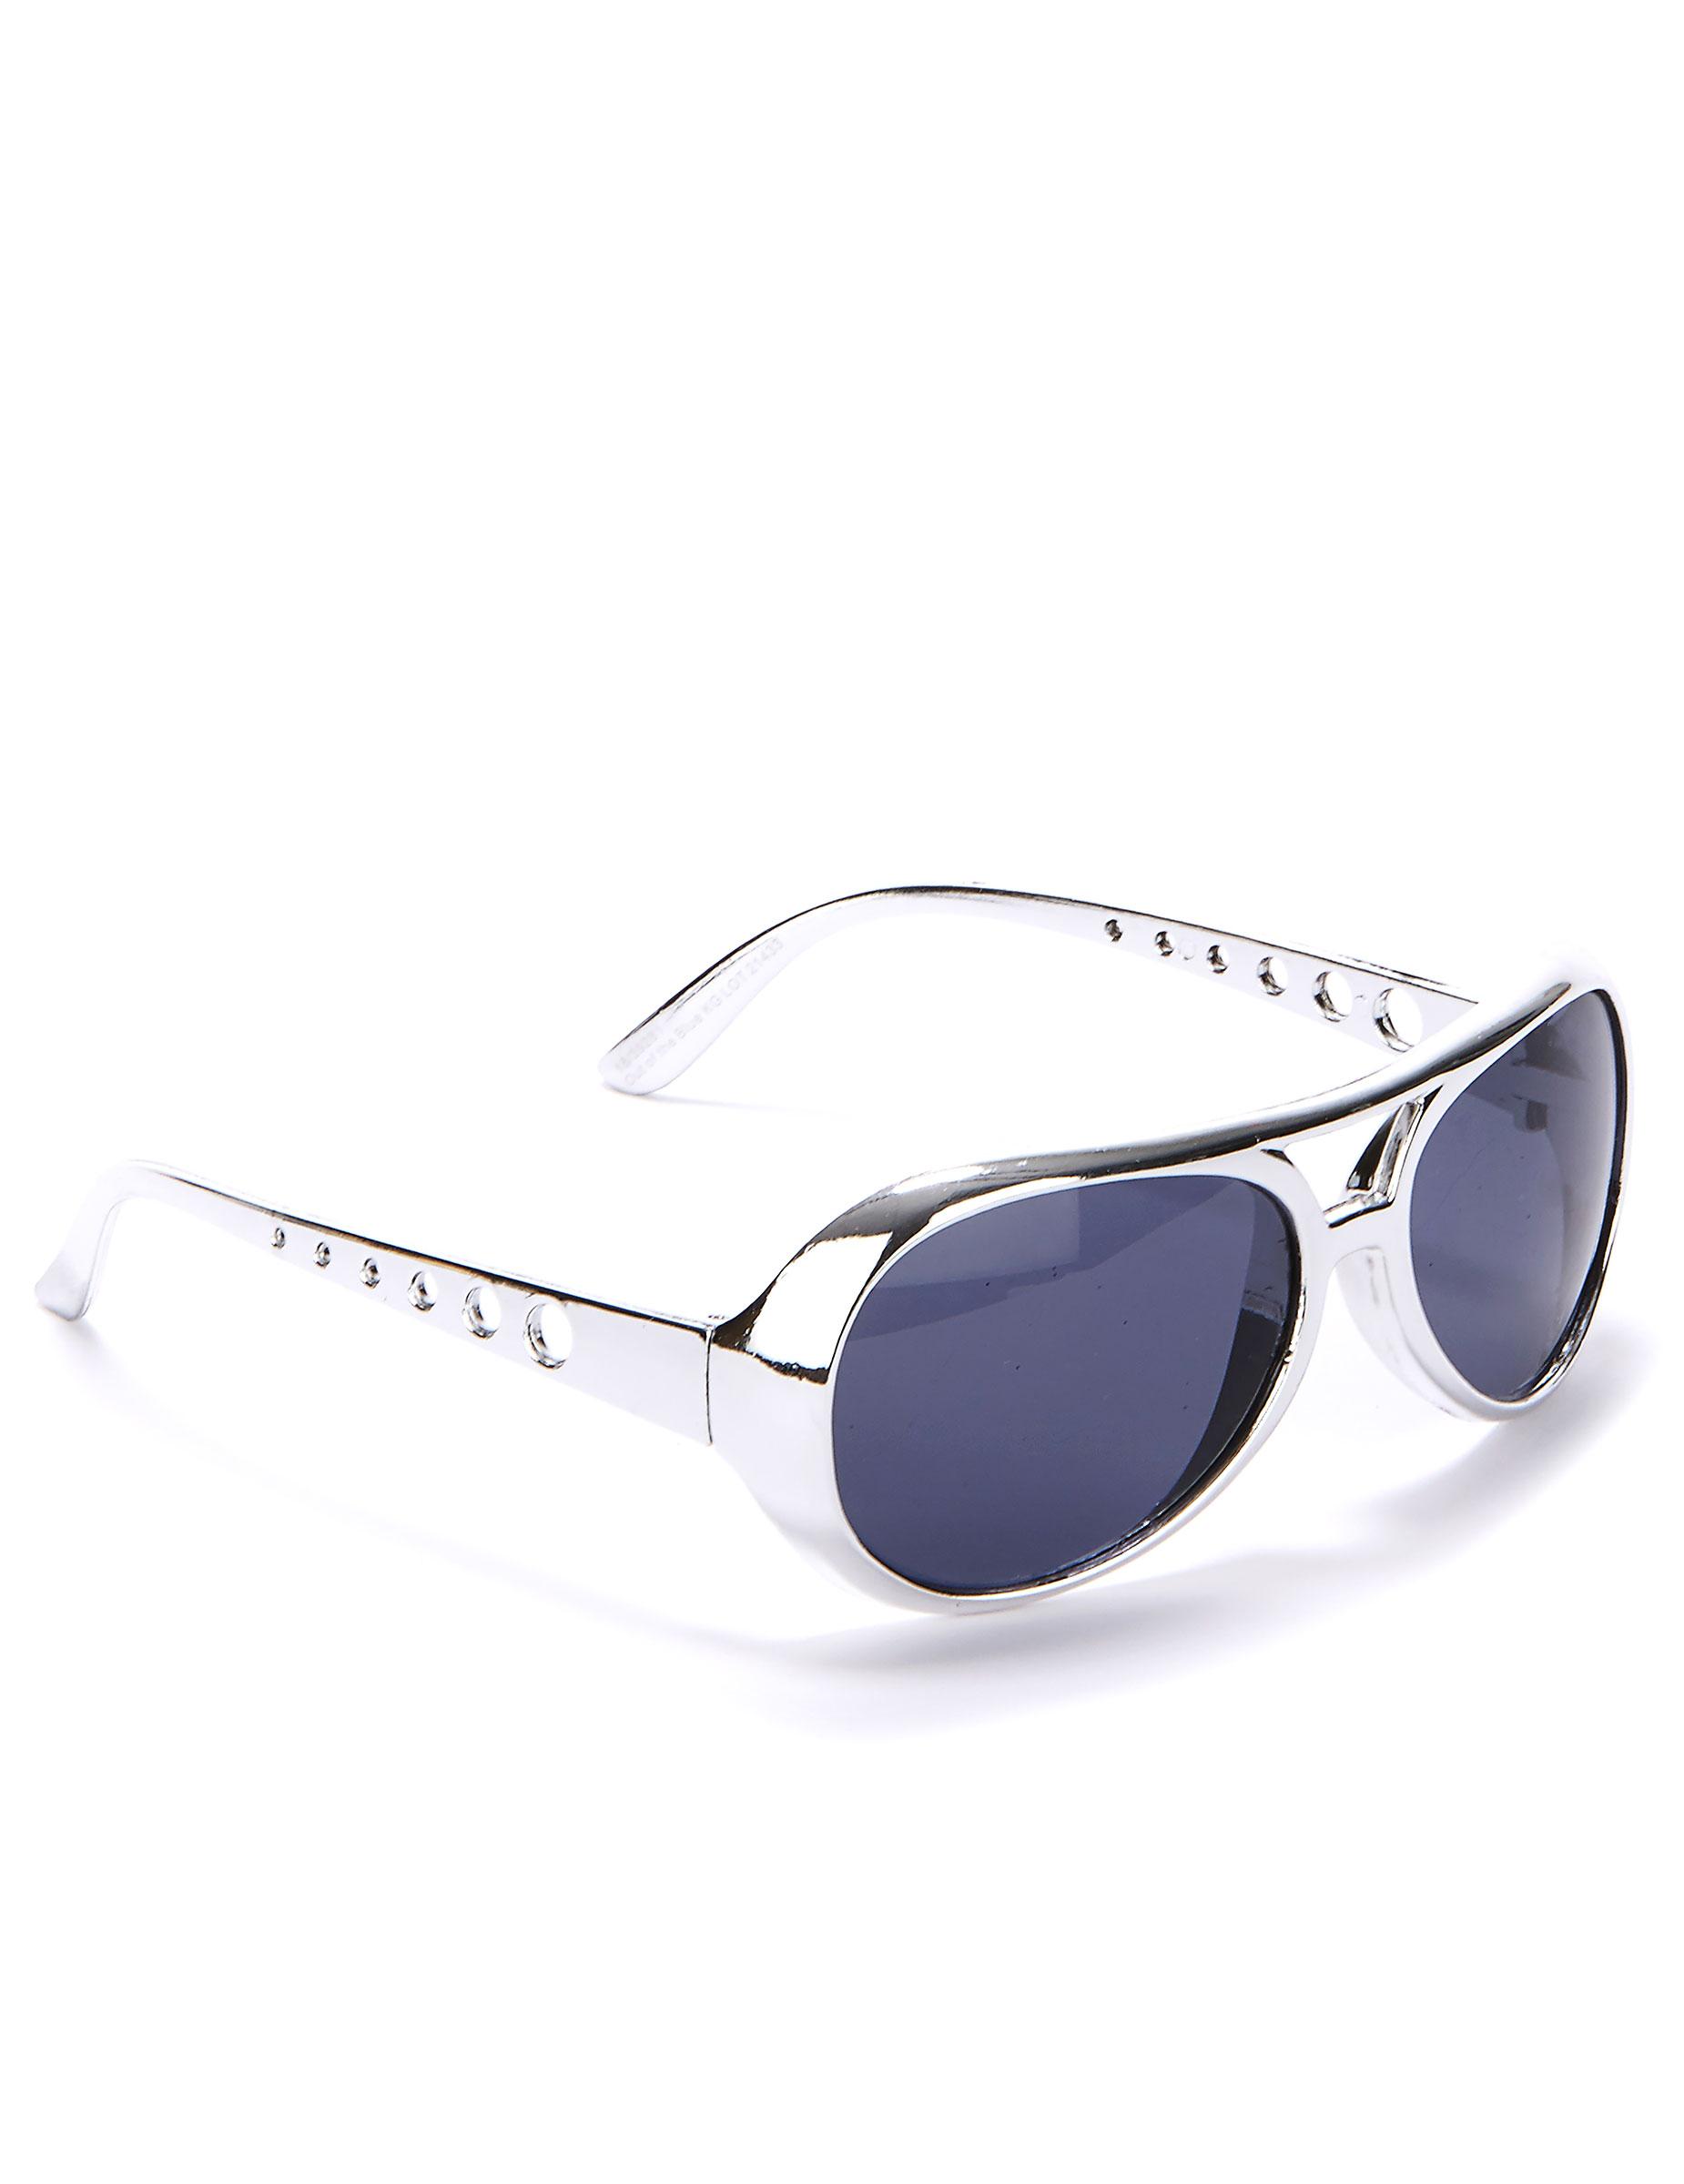 Occhiali argentati con lenti blu accessori e vestiti di carnevale online vegaoo - Occhiali lenti blu specchio ...